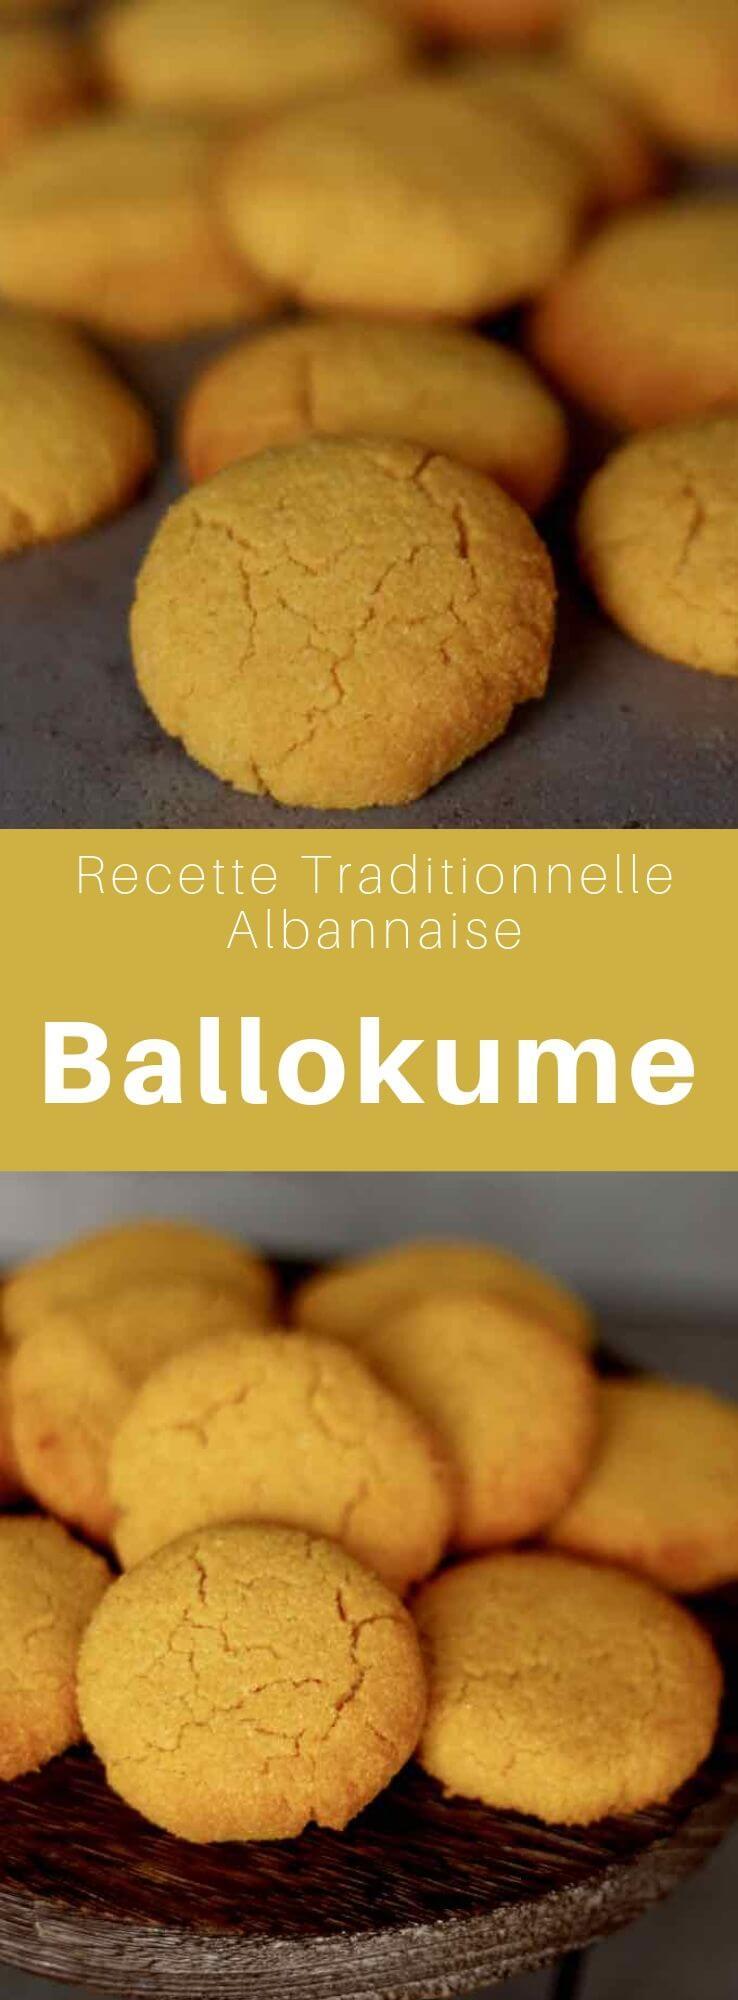 Le ballokume est un biscuit traditionnel albanais originaire de la ville d'Elbasan, préparé à partir de farine de maïs, d'œufs, de sucre, et de beurre et traditionnellement consommé le 14 mars pendant dita e verës, jour de l'été. #Albanie #RecetteAlbanaise #CuisineAlbanaise #Balkans #CuisineDuMonde #196flavors